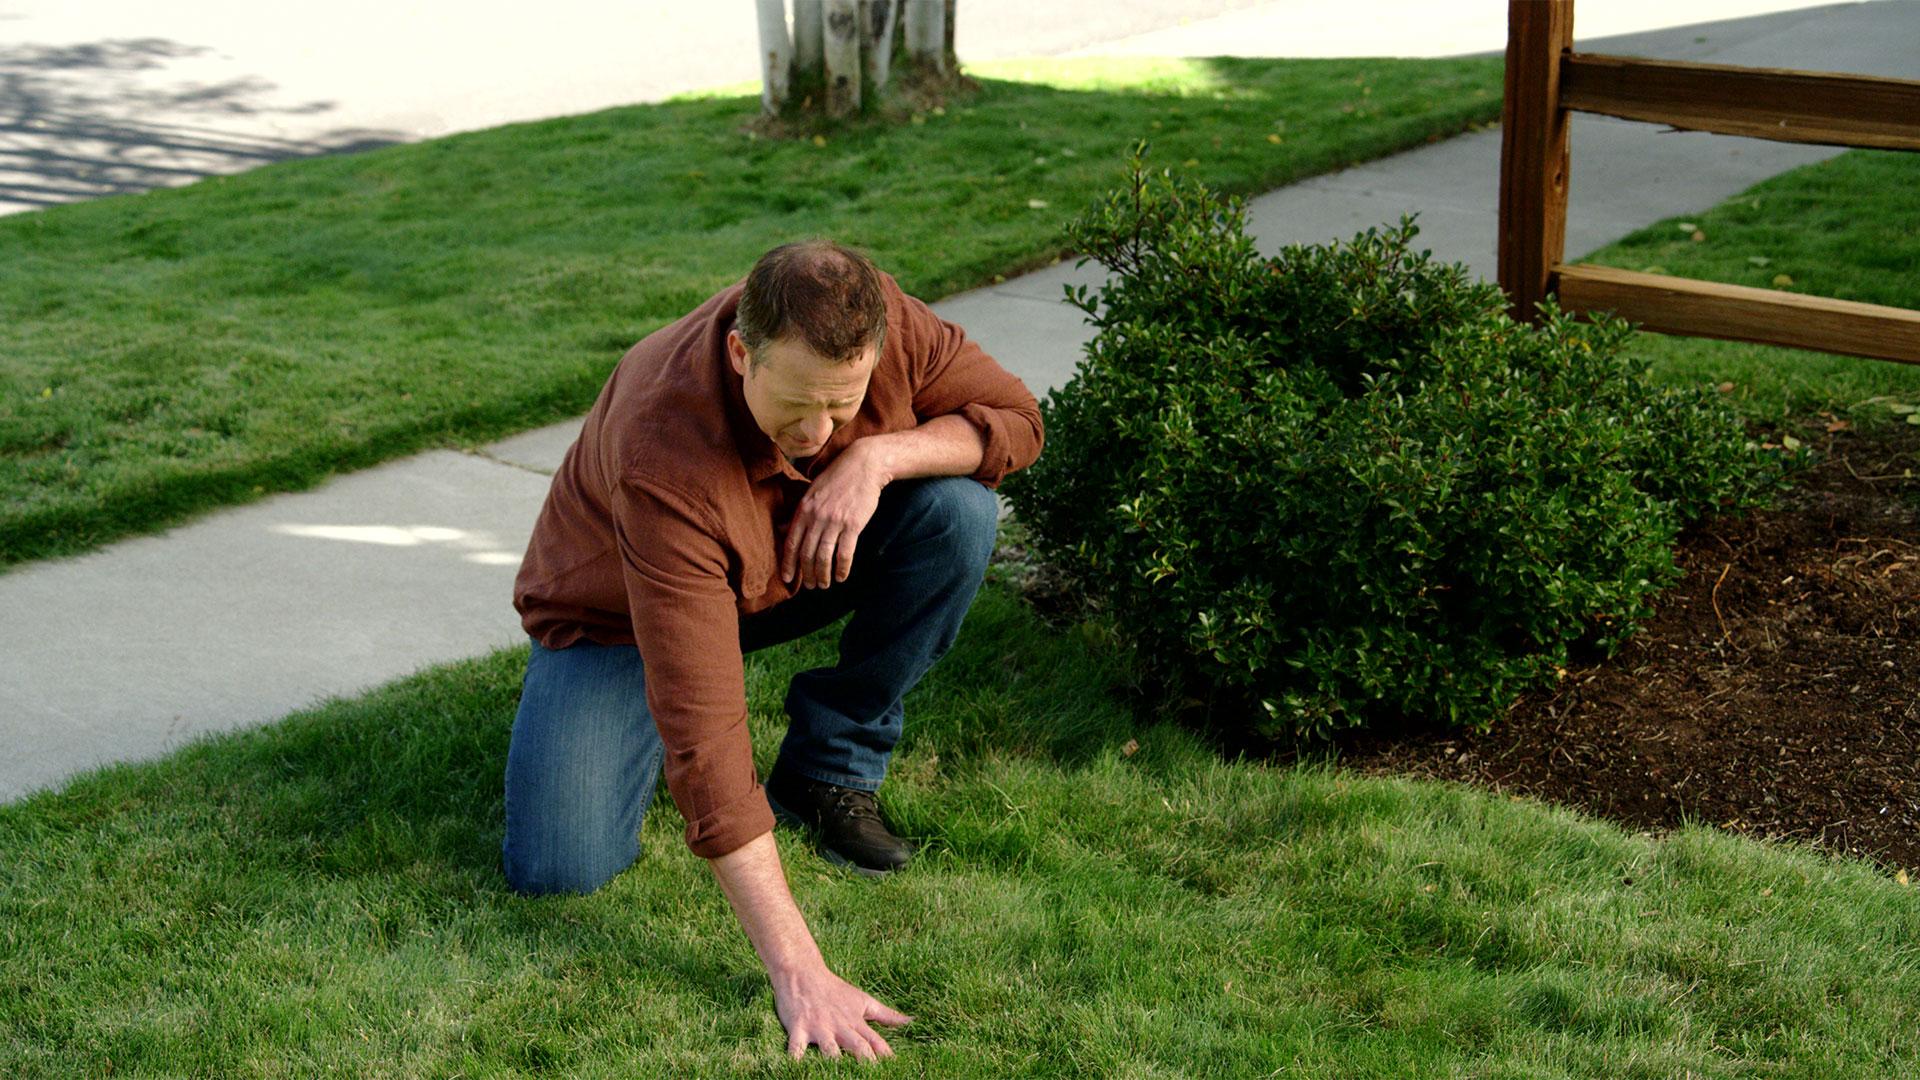 pennington grass 4 after